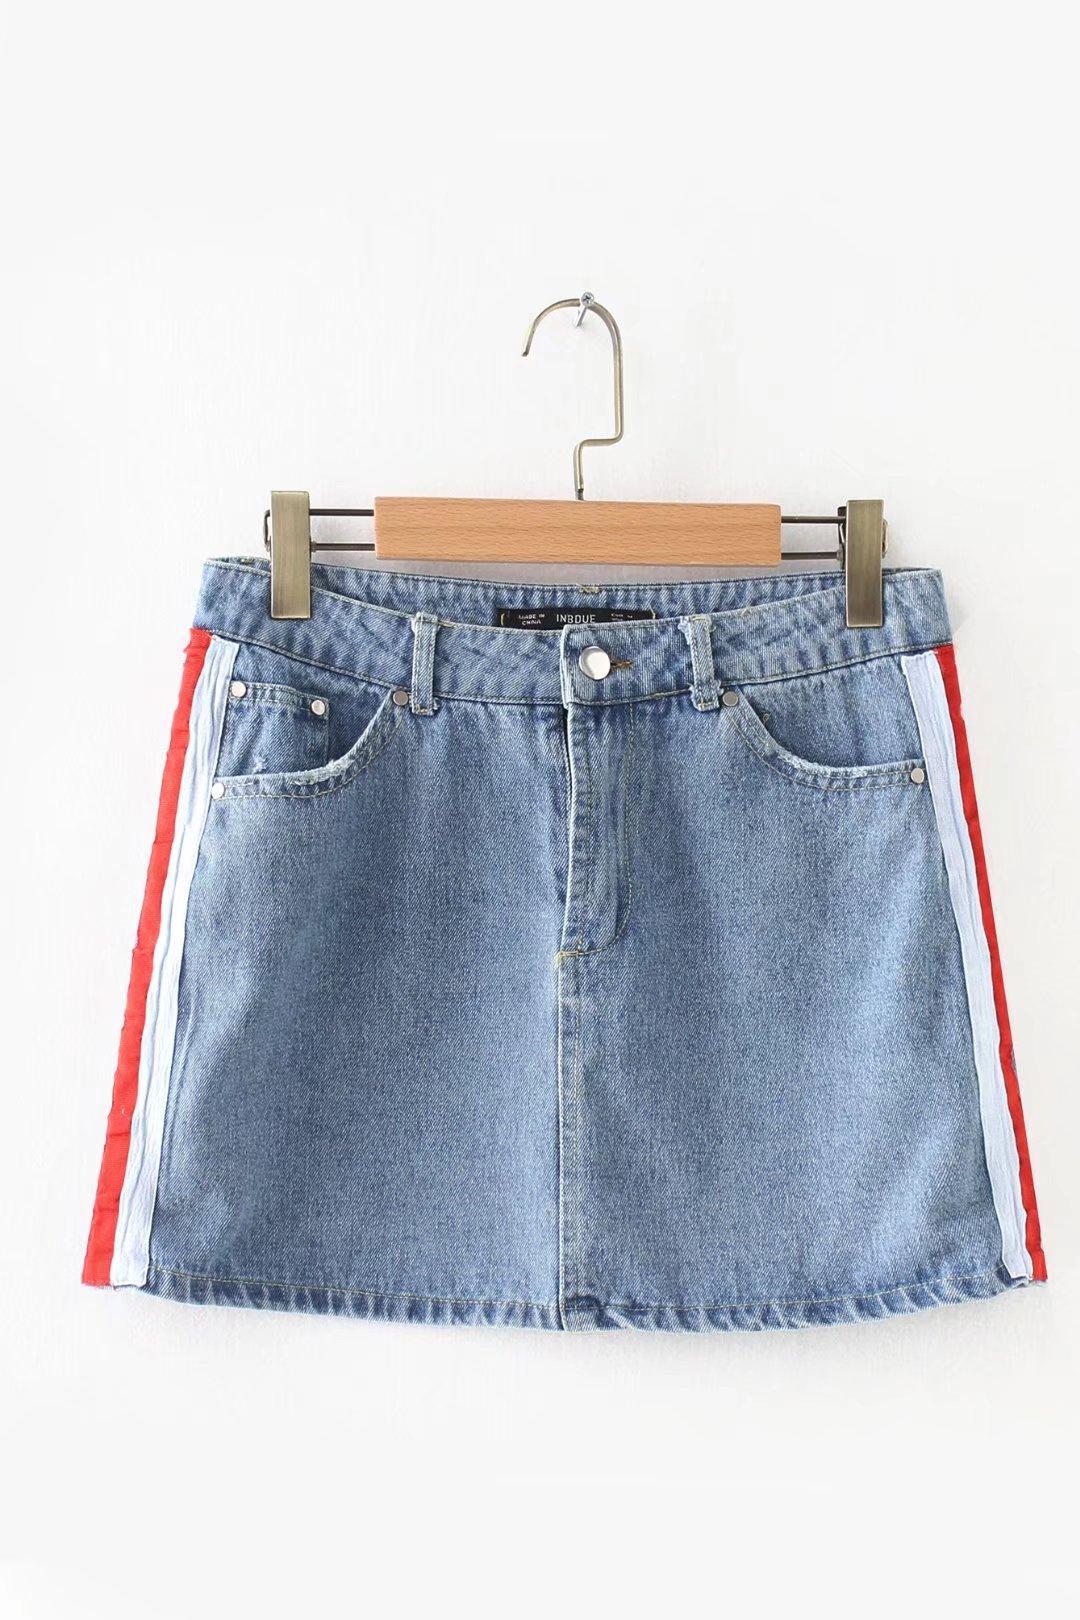 Biru Tua Daftar Source · Busana bergaris liar Slim adalah celana stretch tipis .